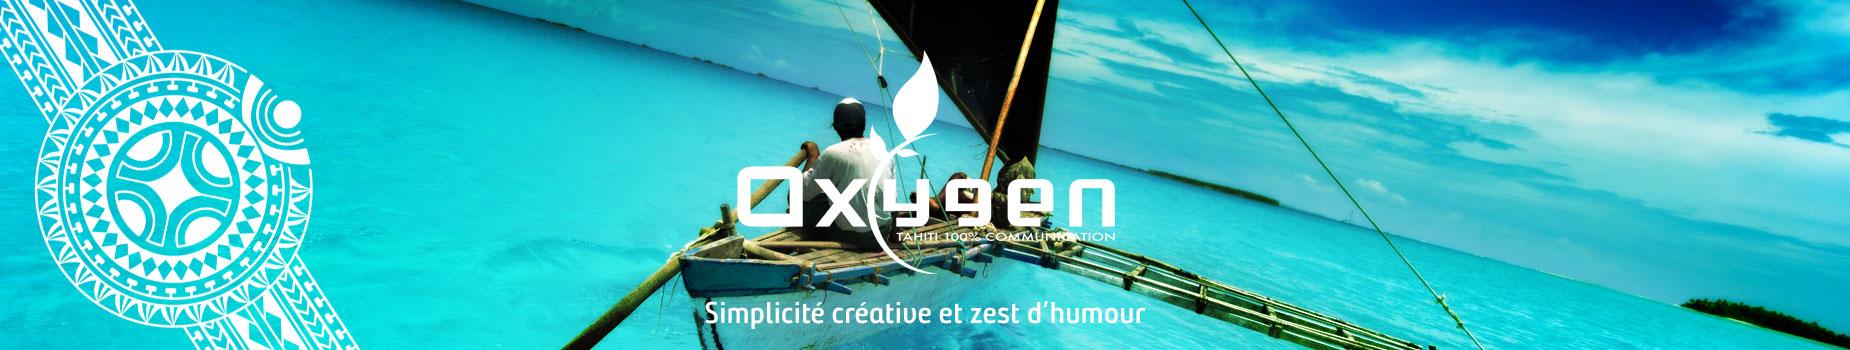 bandeaux-web-oxygen-new-2